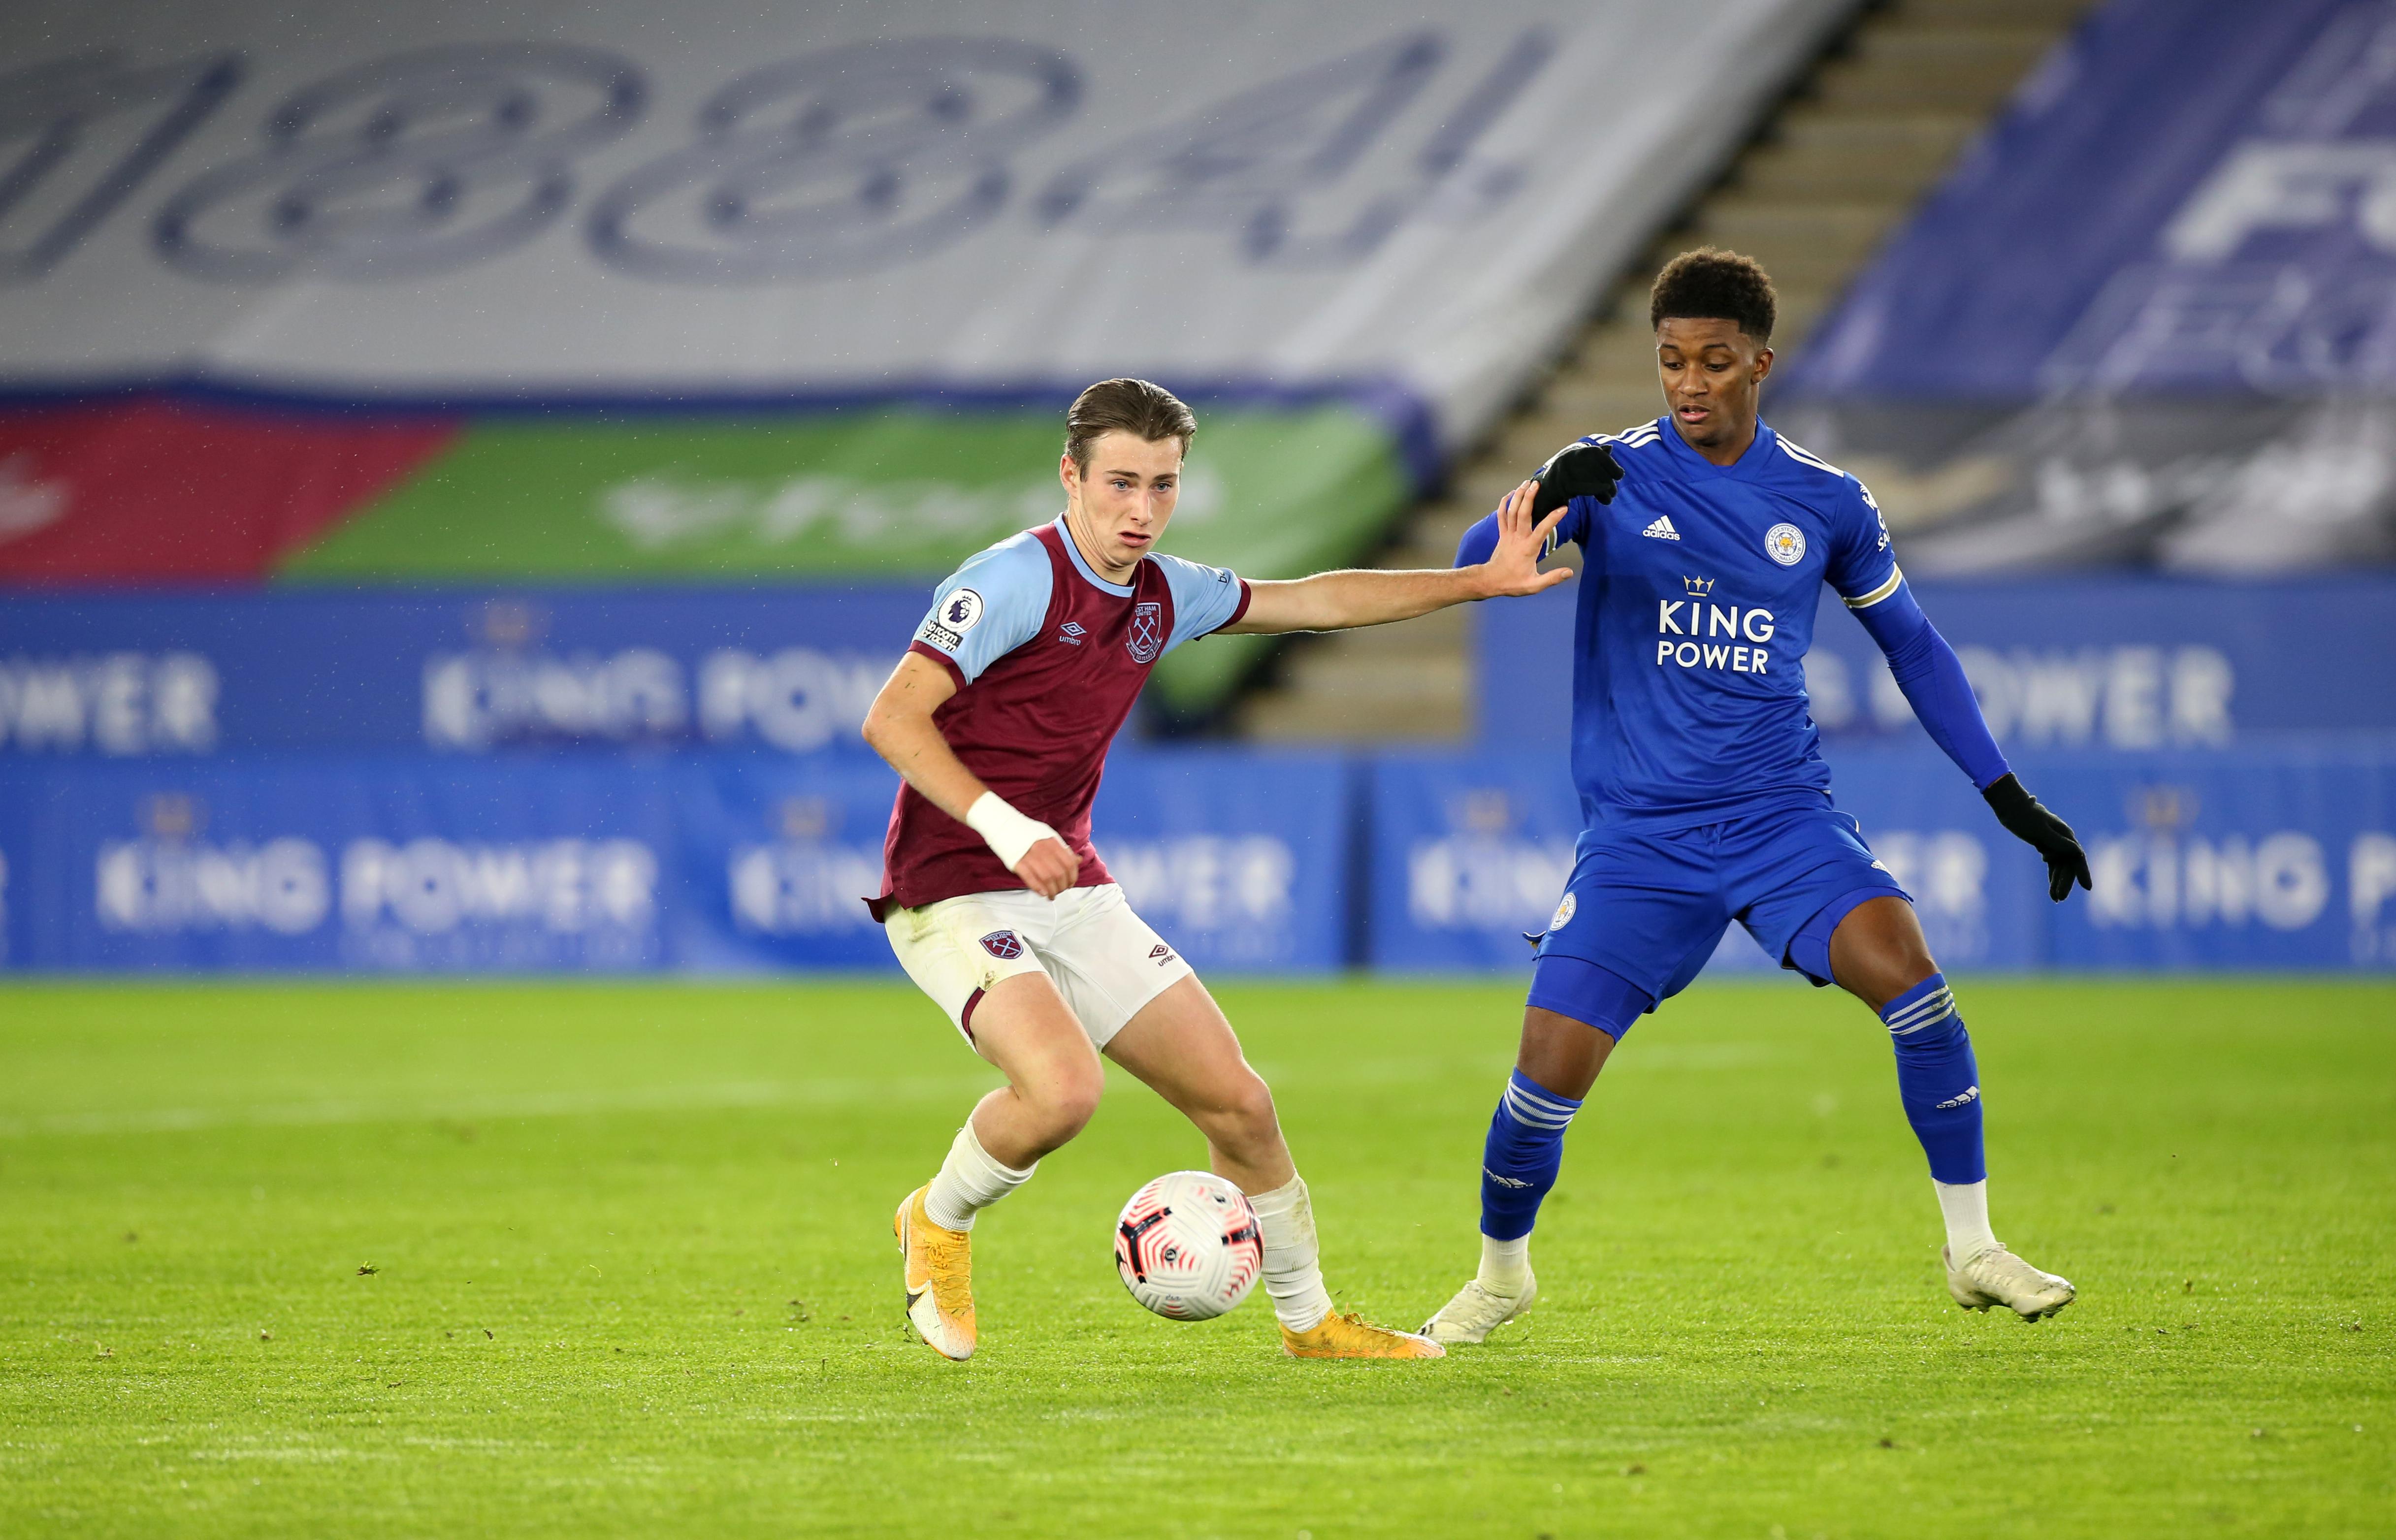 Leicester City v West Ham United: Premier League 2